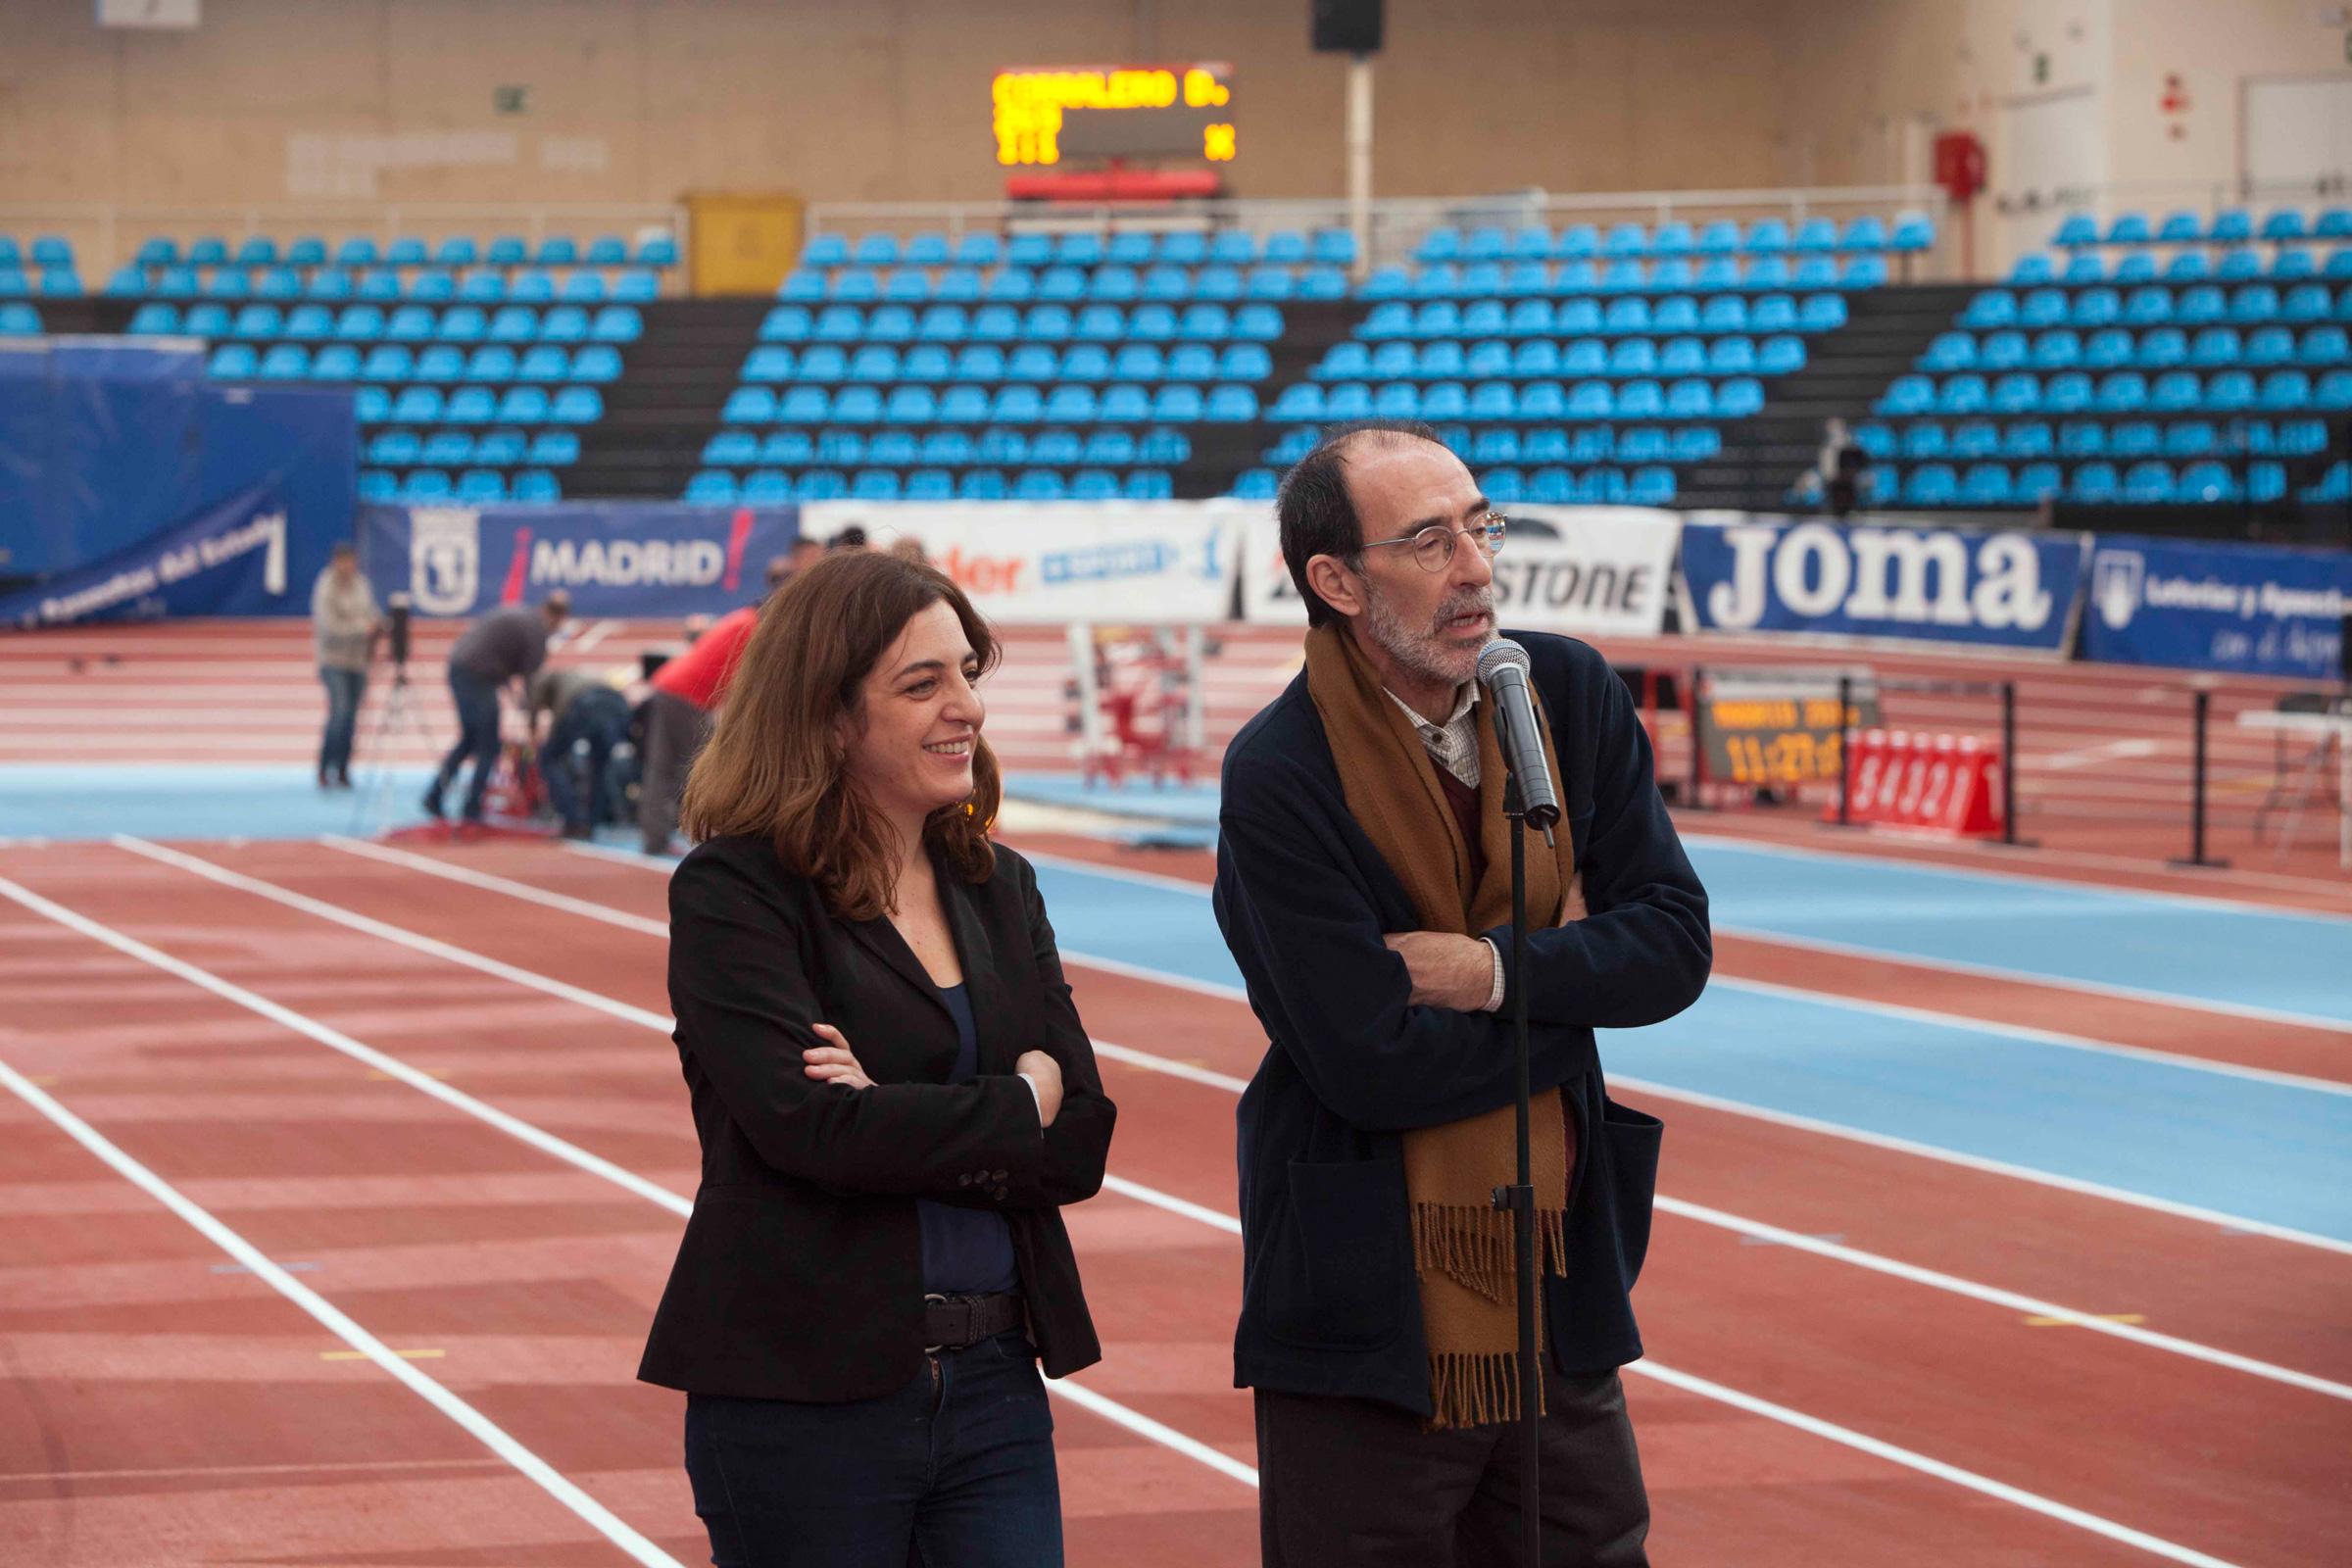 La concejala de Cultura y Deportes, Celia Mayer, y el Director General de Deportes, Francisco Javier Odriozola, visitando la pista de Gallur